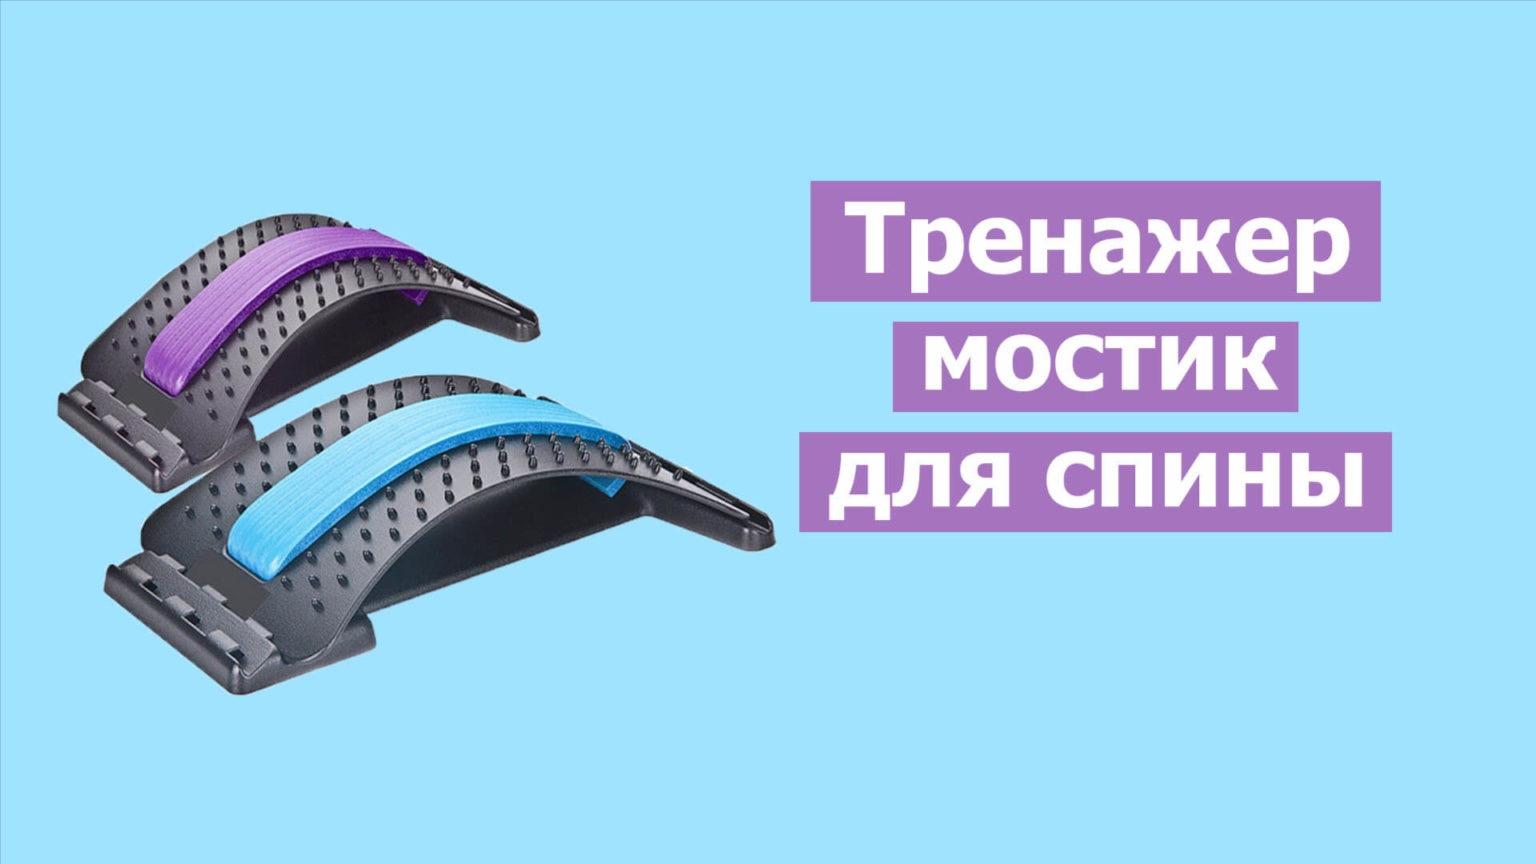 Тренажер мостик для спины – что это, как работает, польза и противопоказания